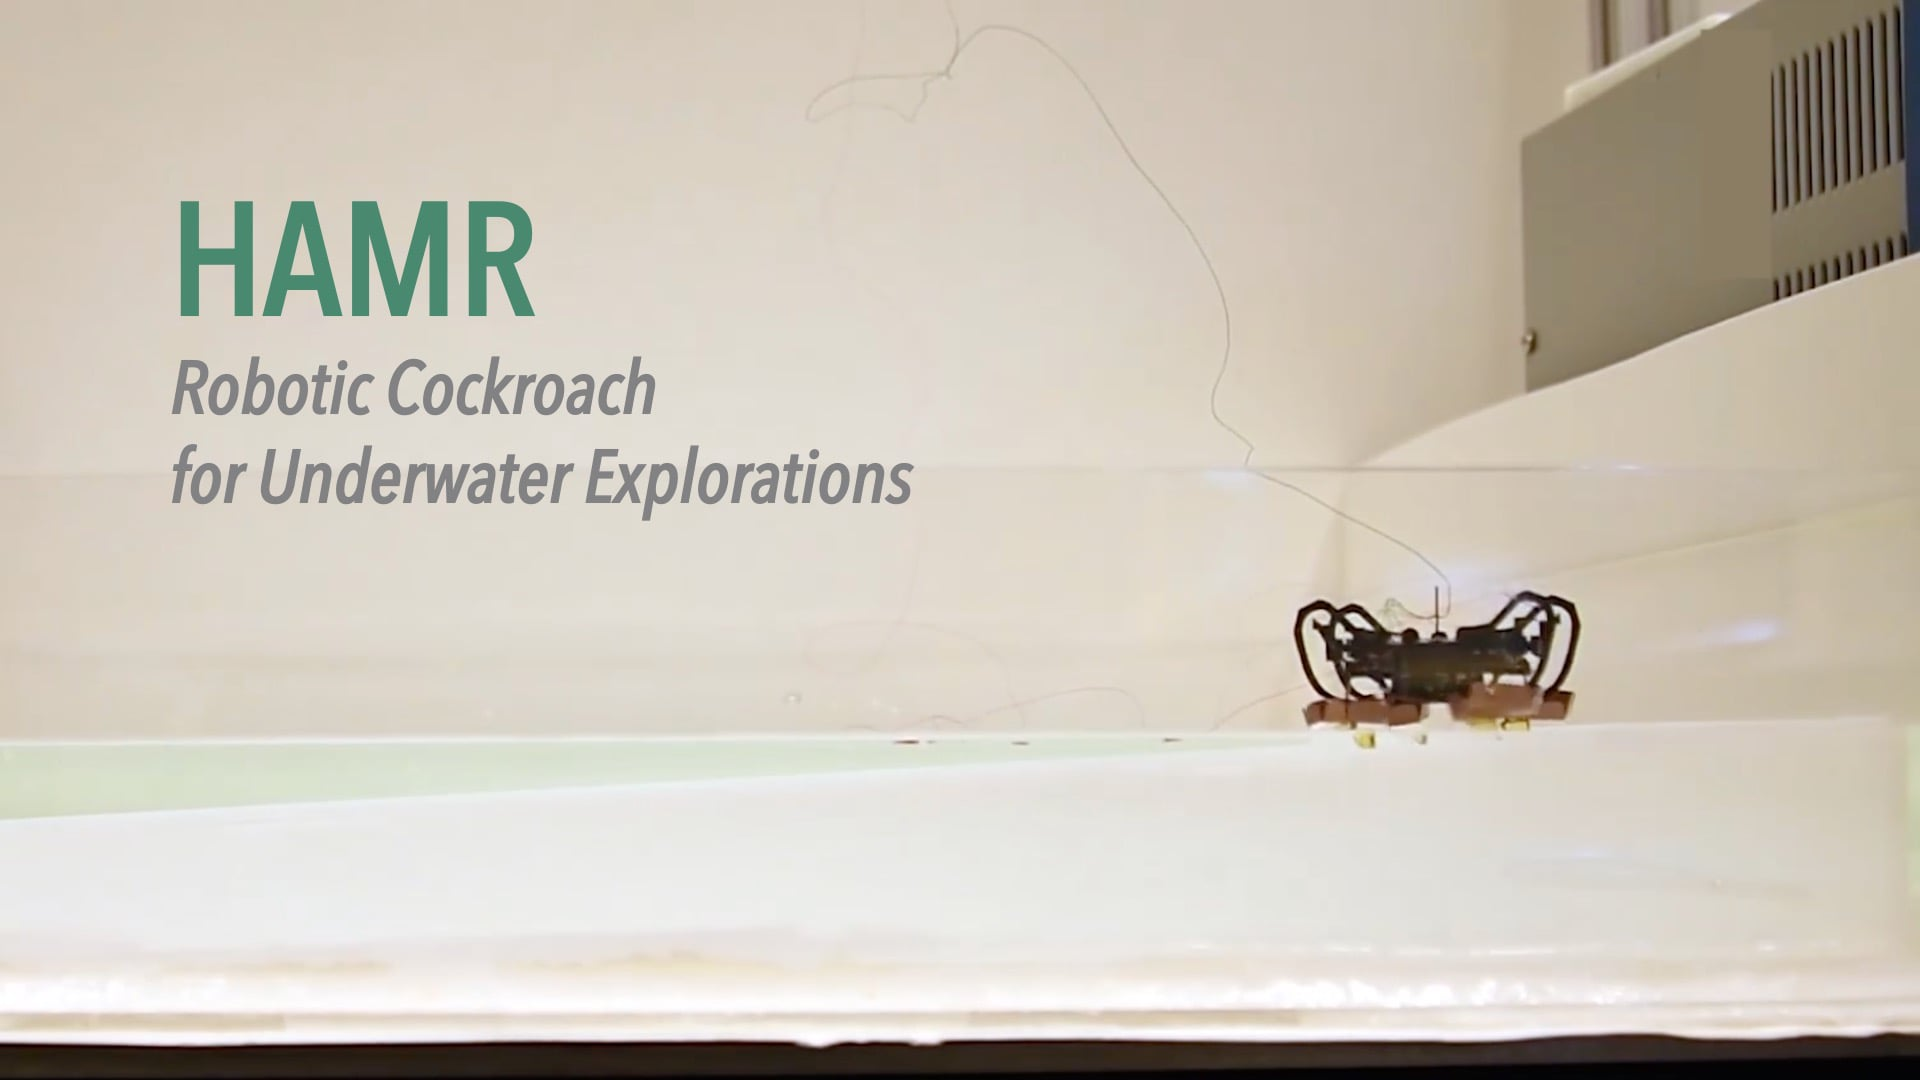 HAMR: Robotic Cockroach for Underwater Explorations